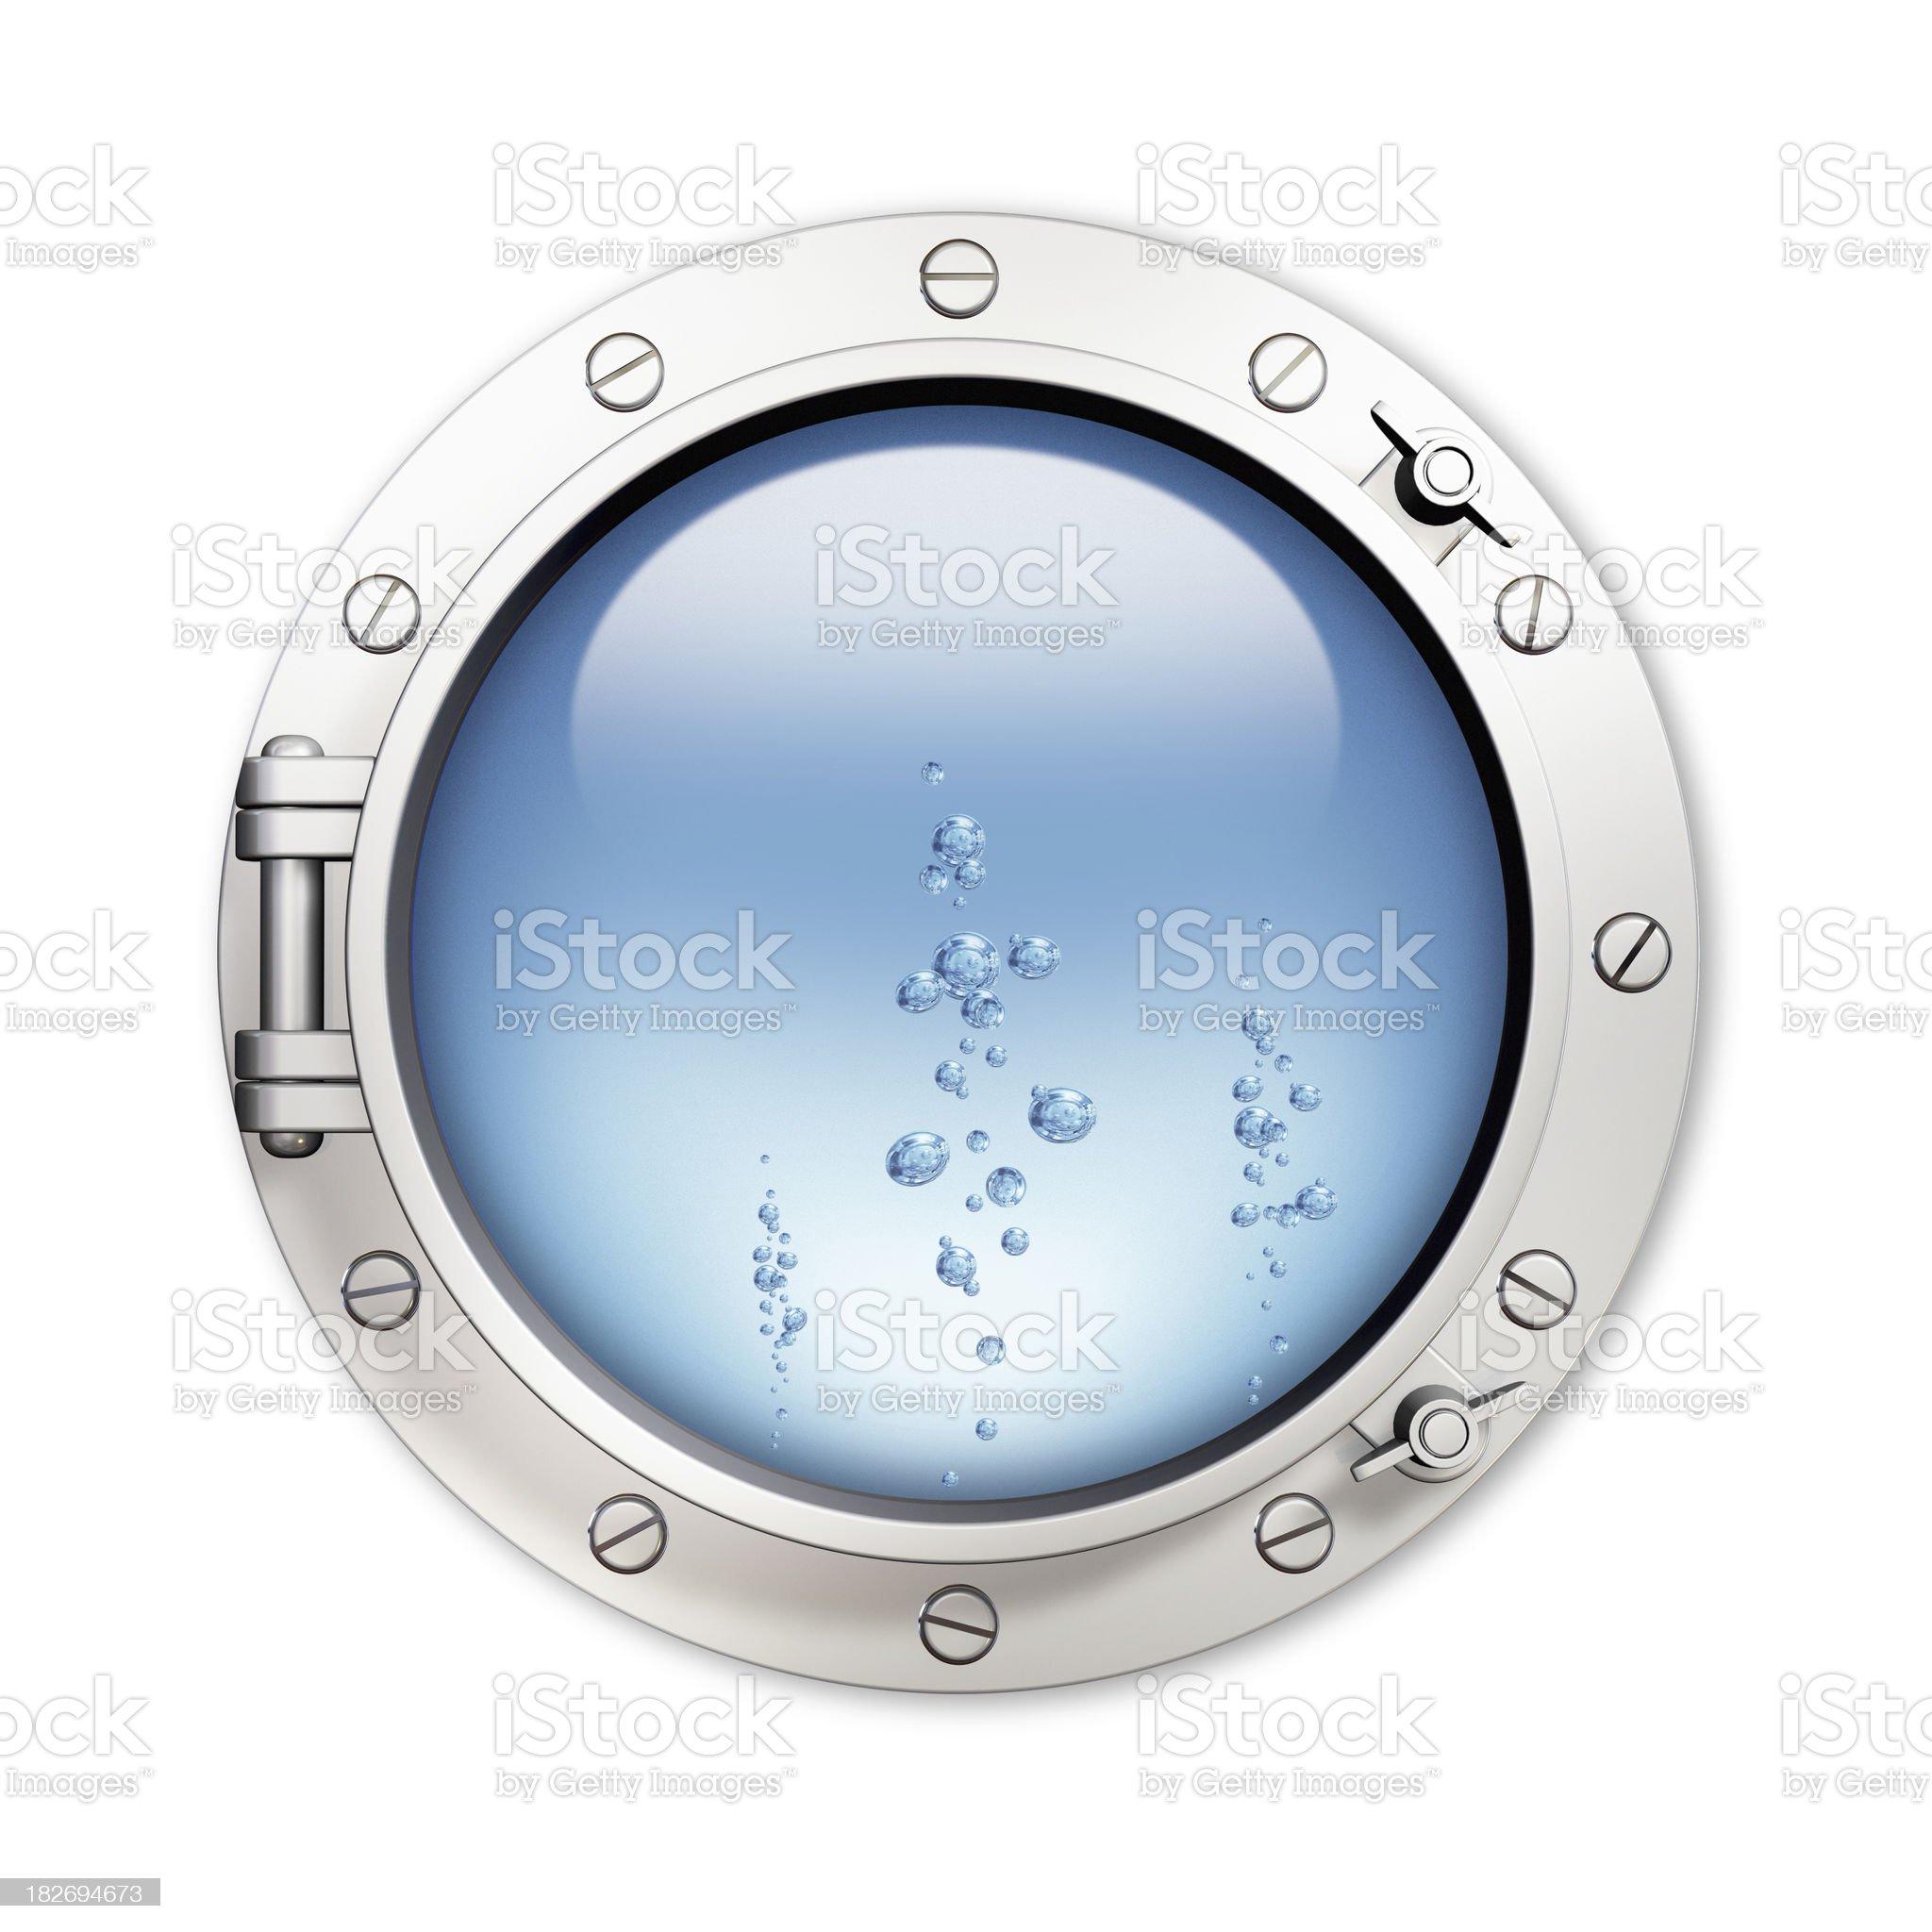 Porthole and bubble royalty-free stock photo